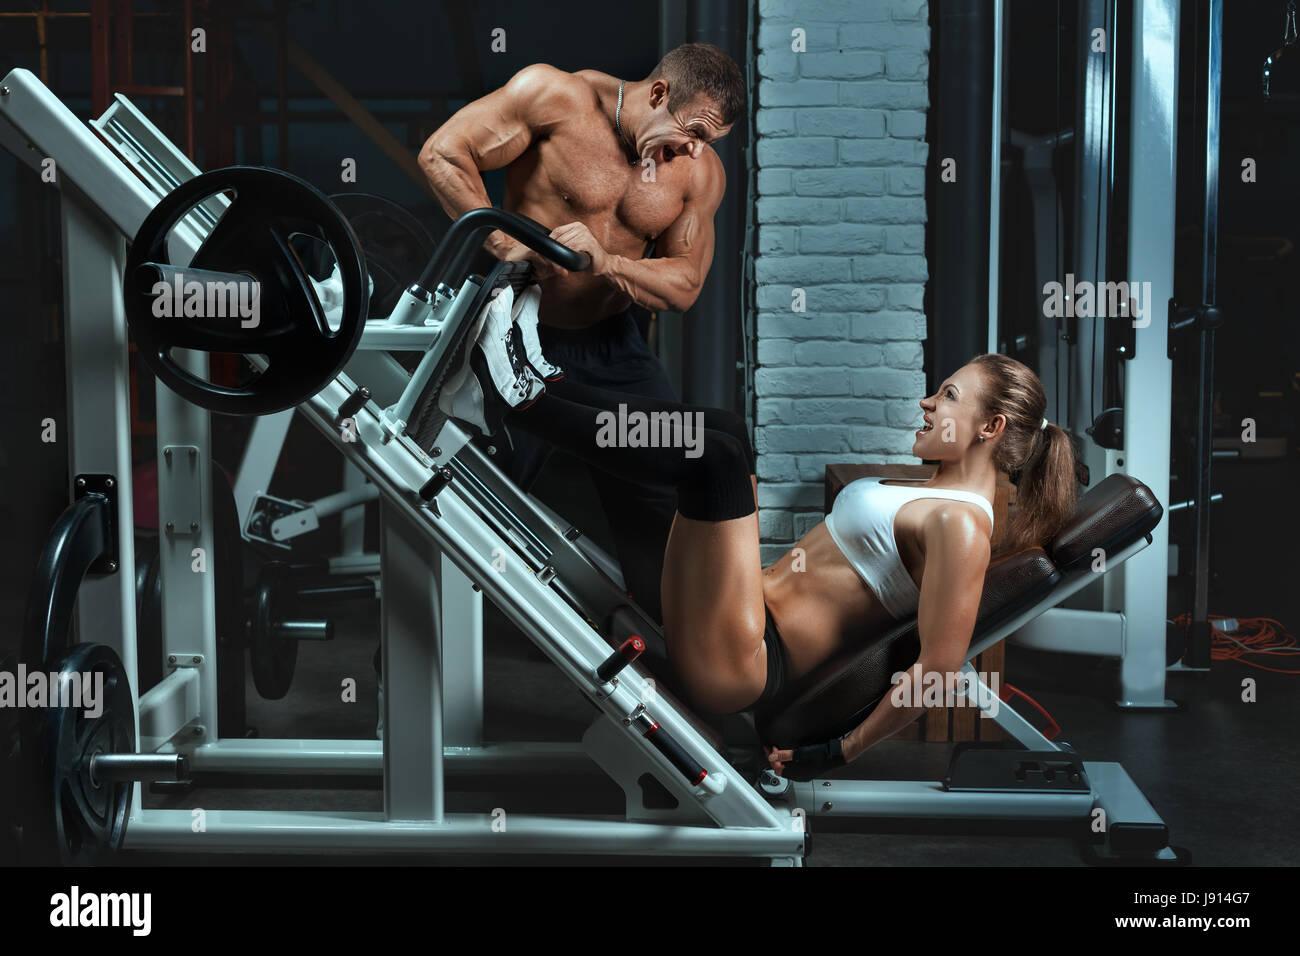 Les trains bodybuilder homme une femme. Femme sur la machine pour balancer vos muscles de jambe. Banque D'Images